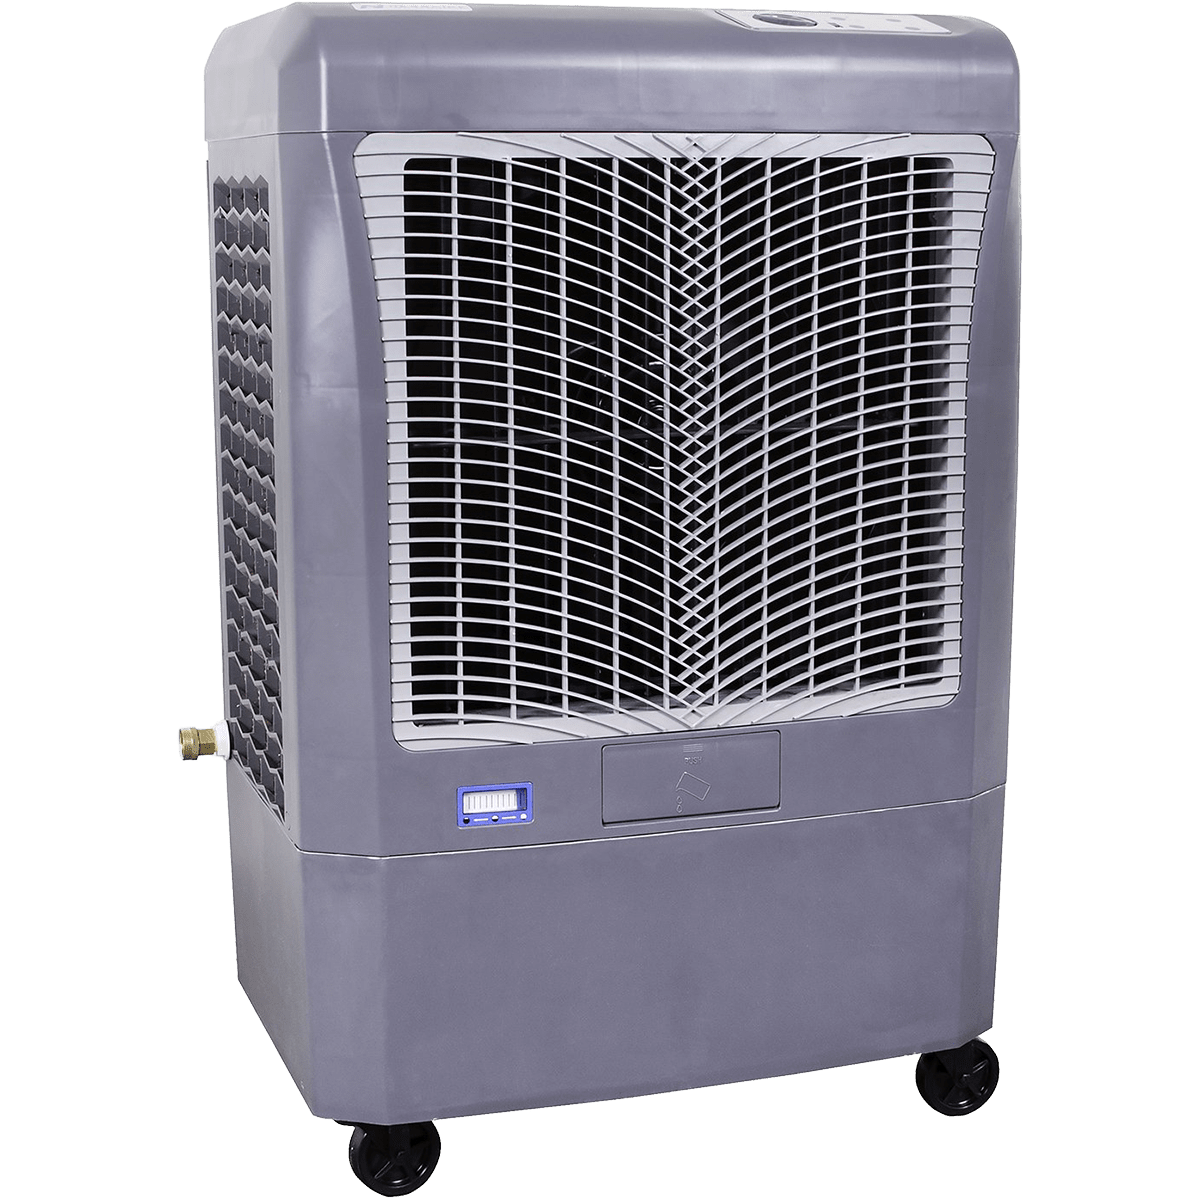 Hessaire MC37A 3,100 CFM Evaporative Cooler w/ Automatic Controls he6350